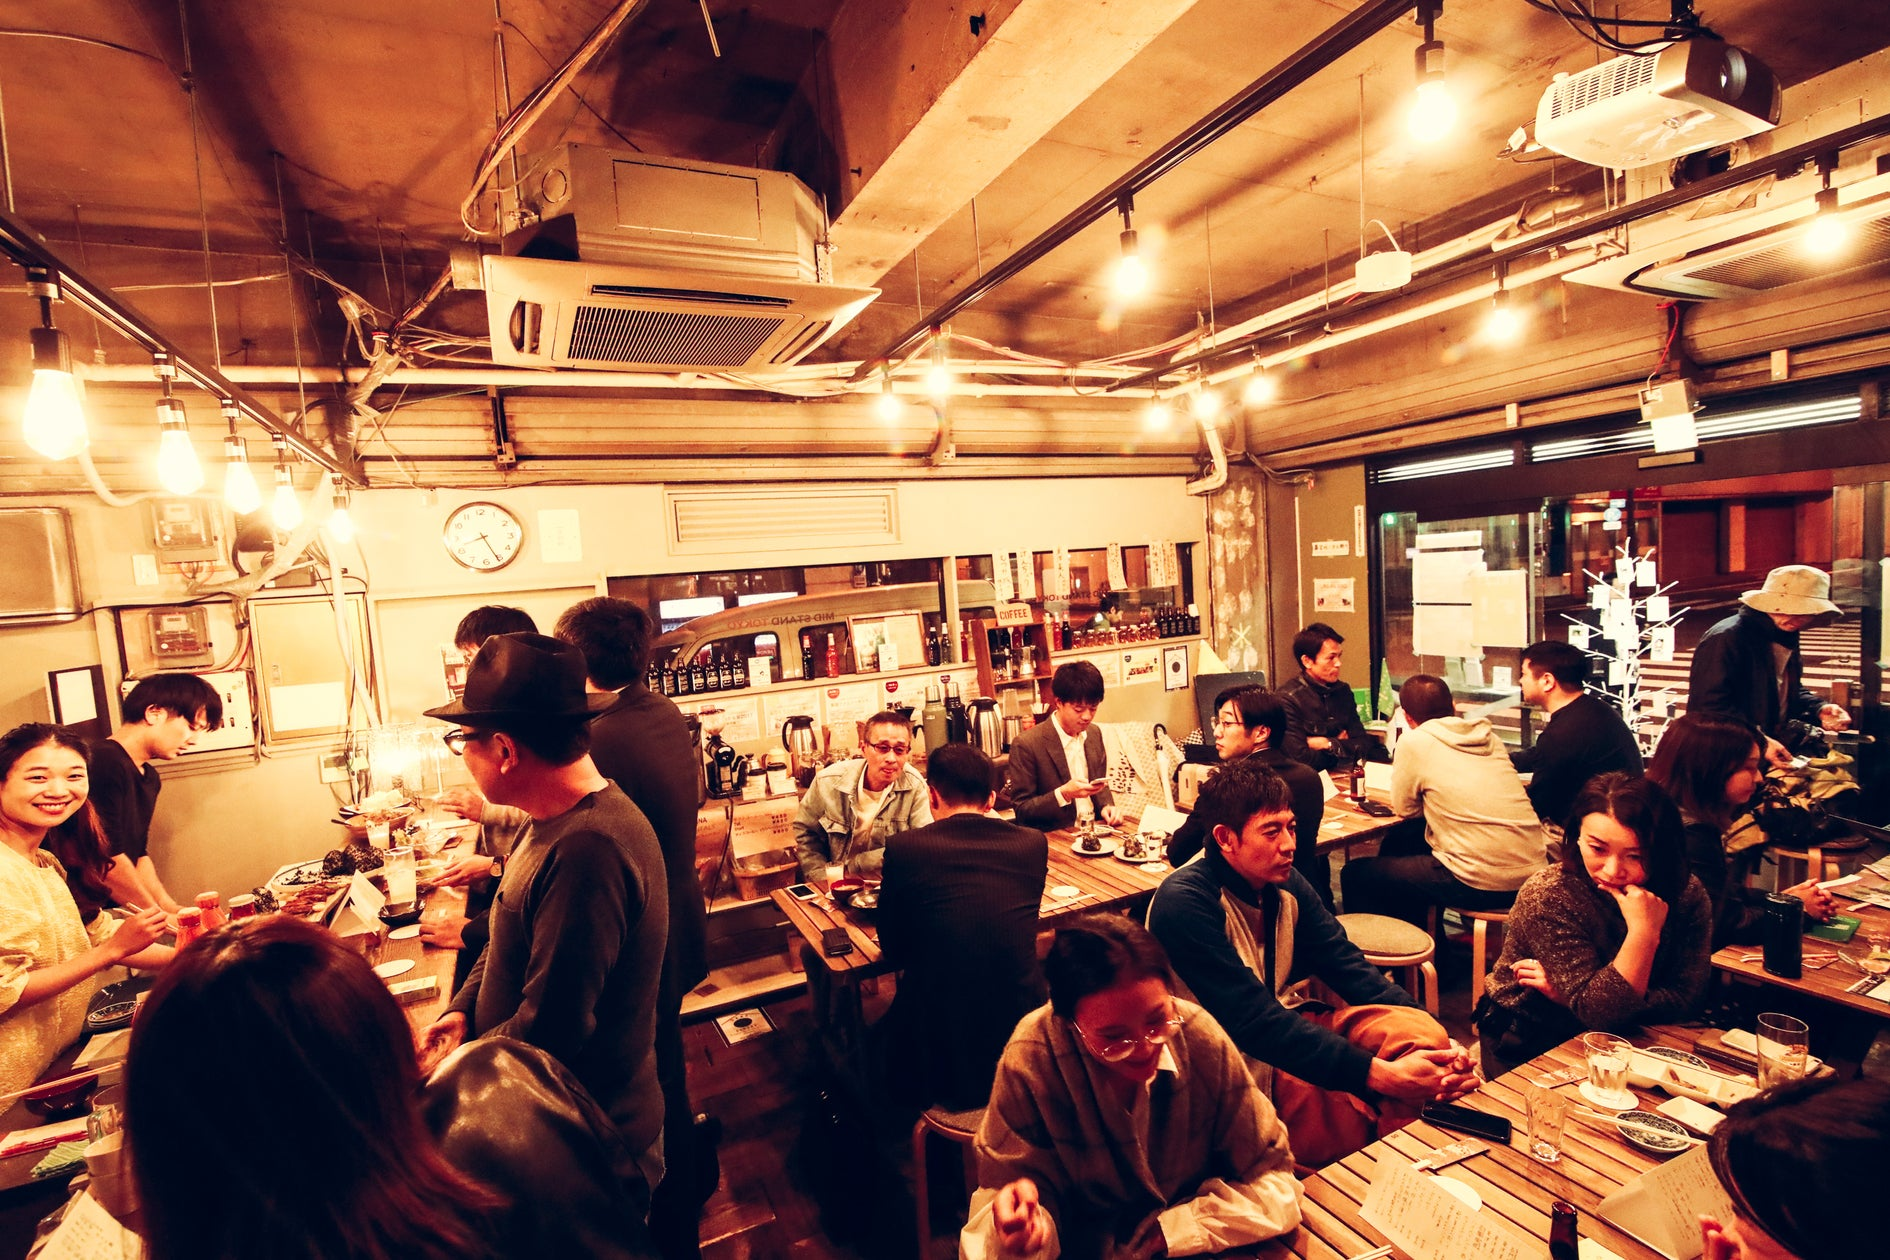 【地域に開かれたオープンなキッチン付レンタルスペース】パーティ、料理イベント、地域活性化イベントなど、好評受付中!